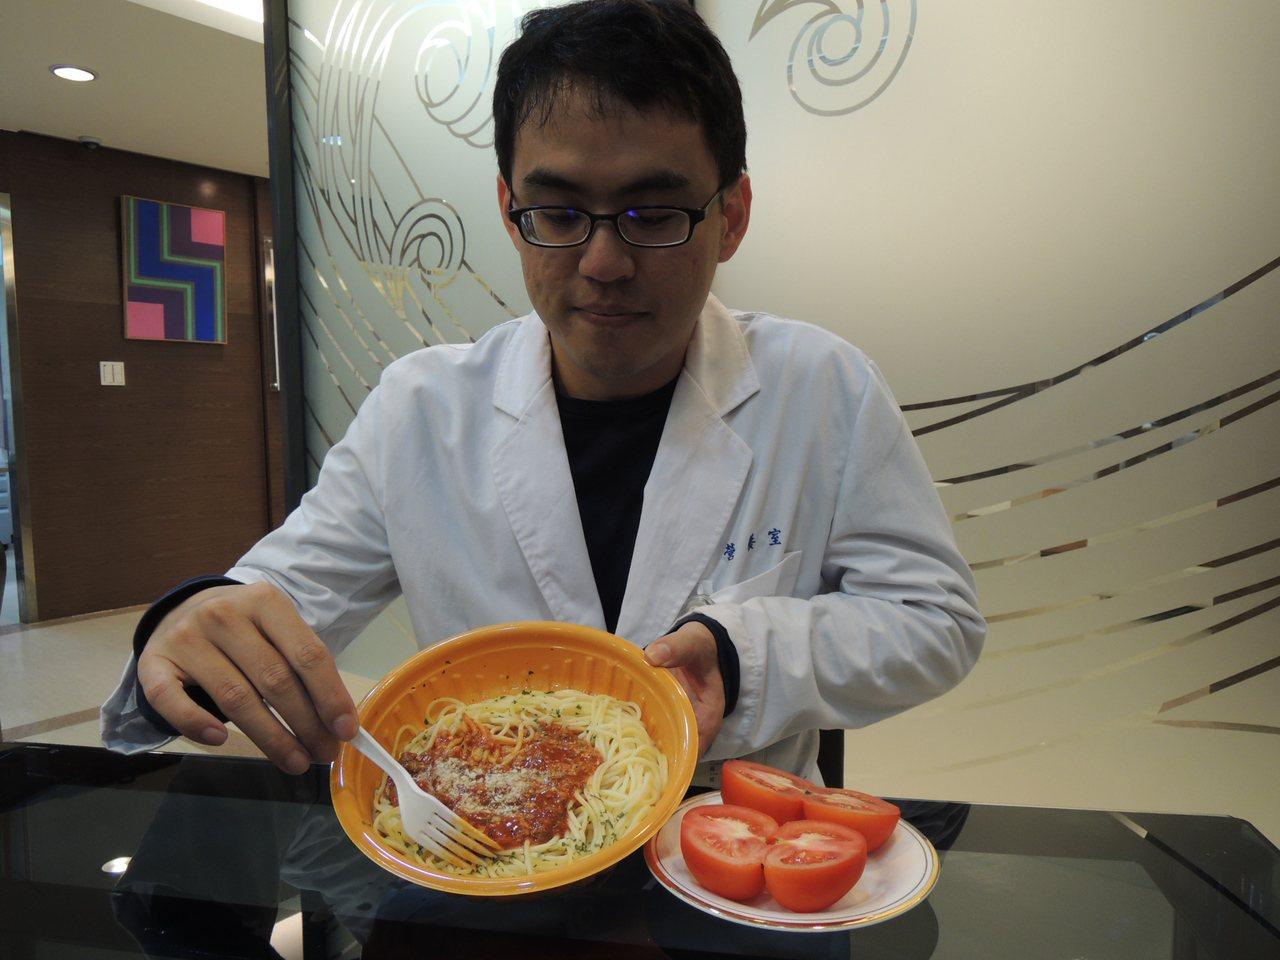 蕃茄中的茄紅素可以抗癌,不過加油加熱才能有效釋放出茄紅素,所以蕃茄義大利麵也是攝...